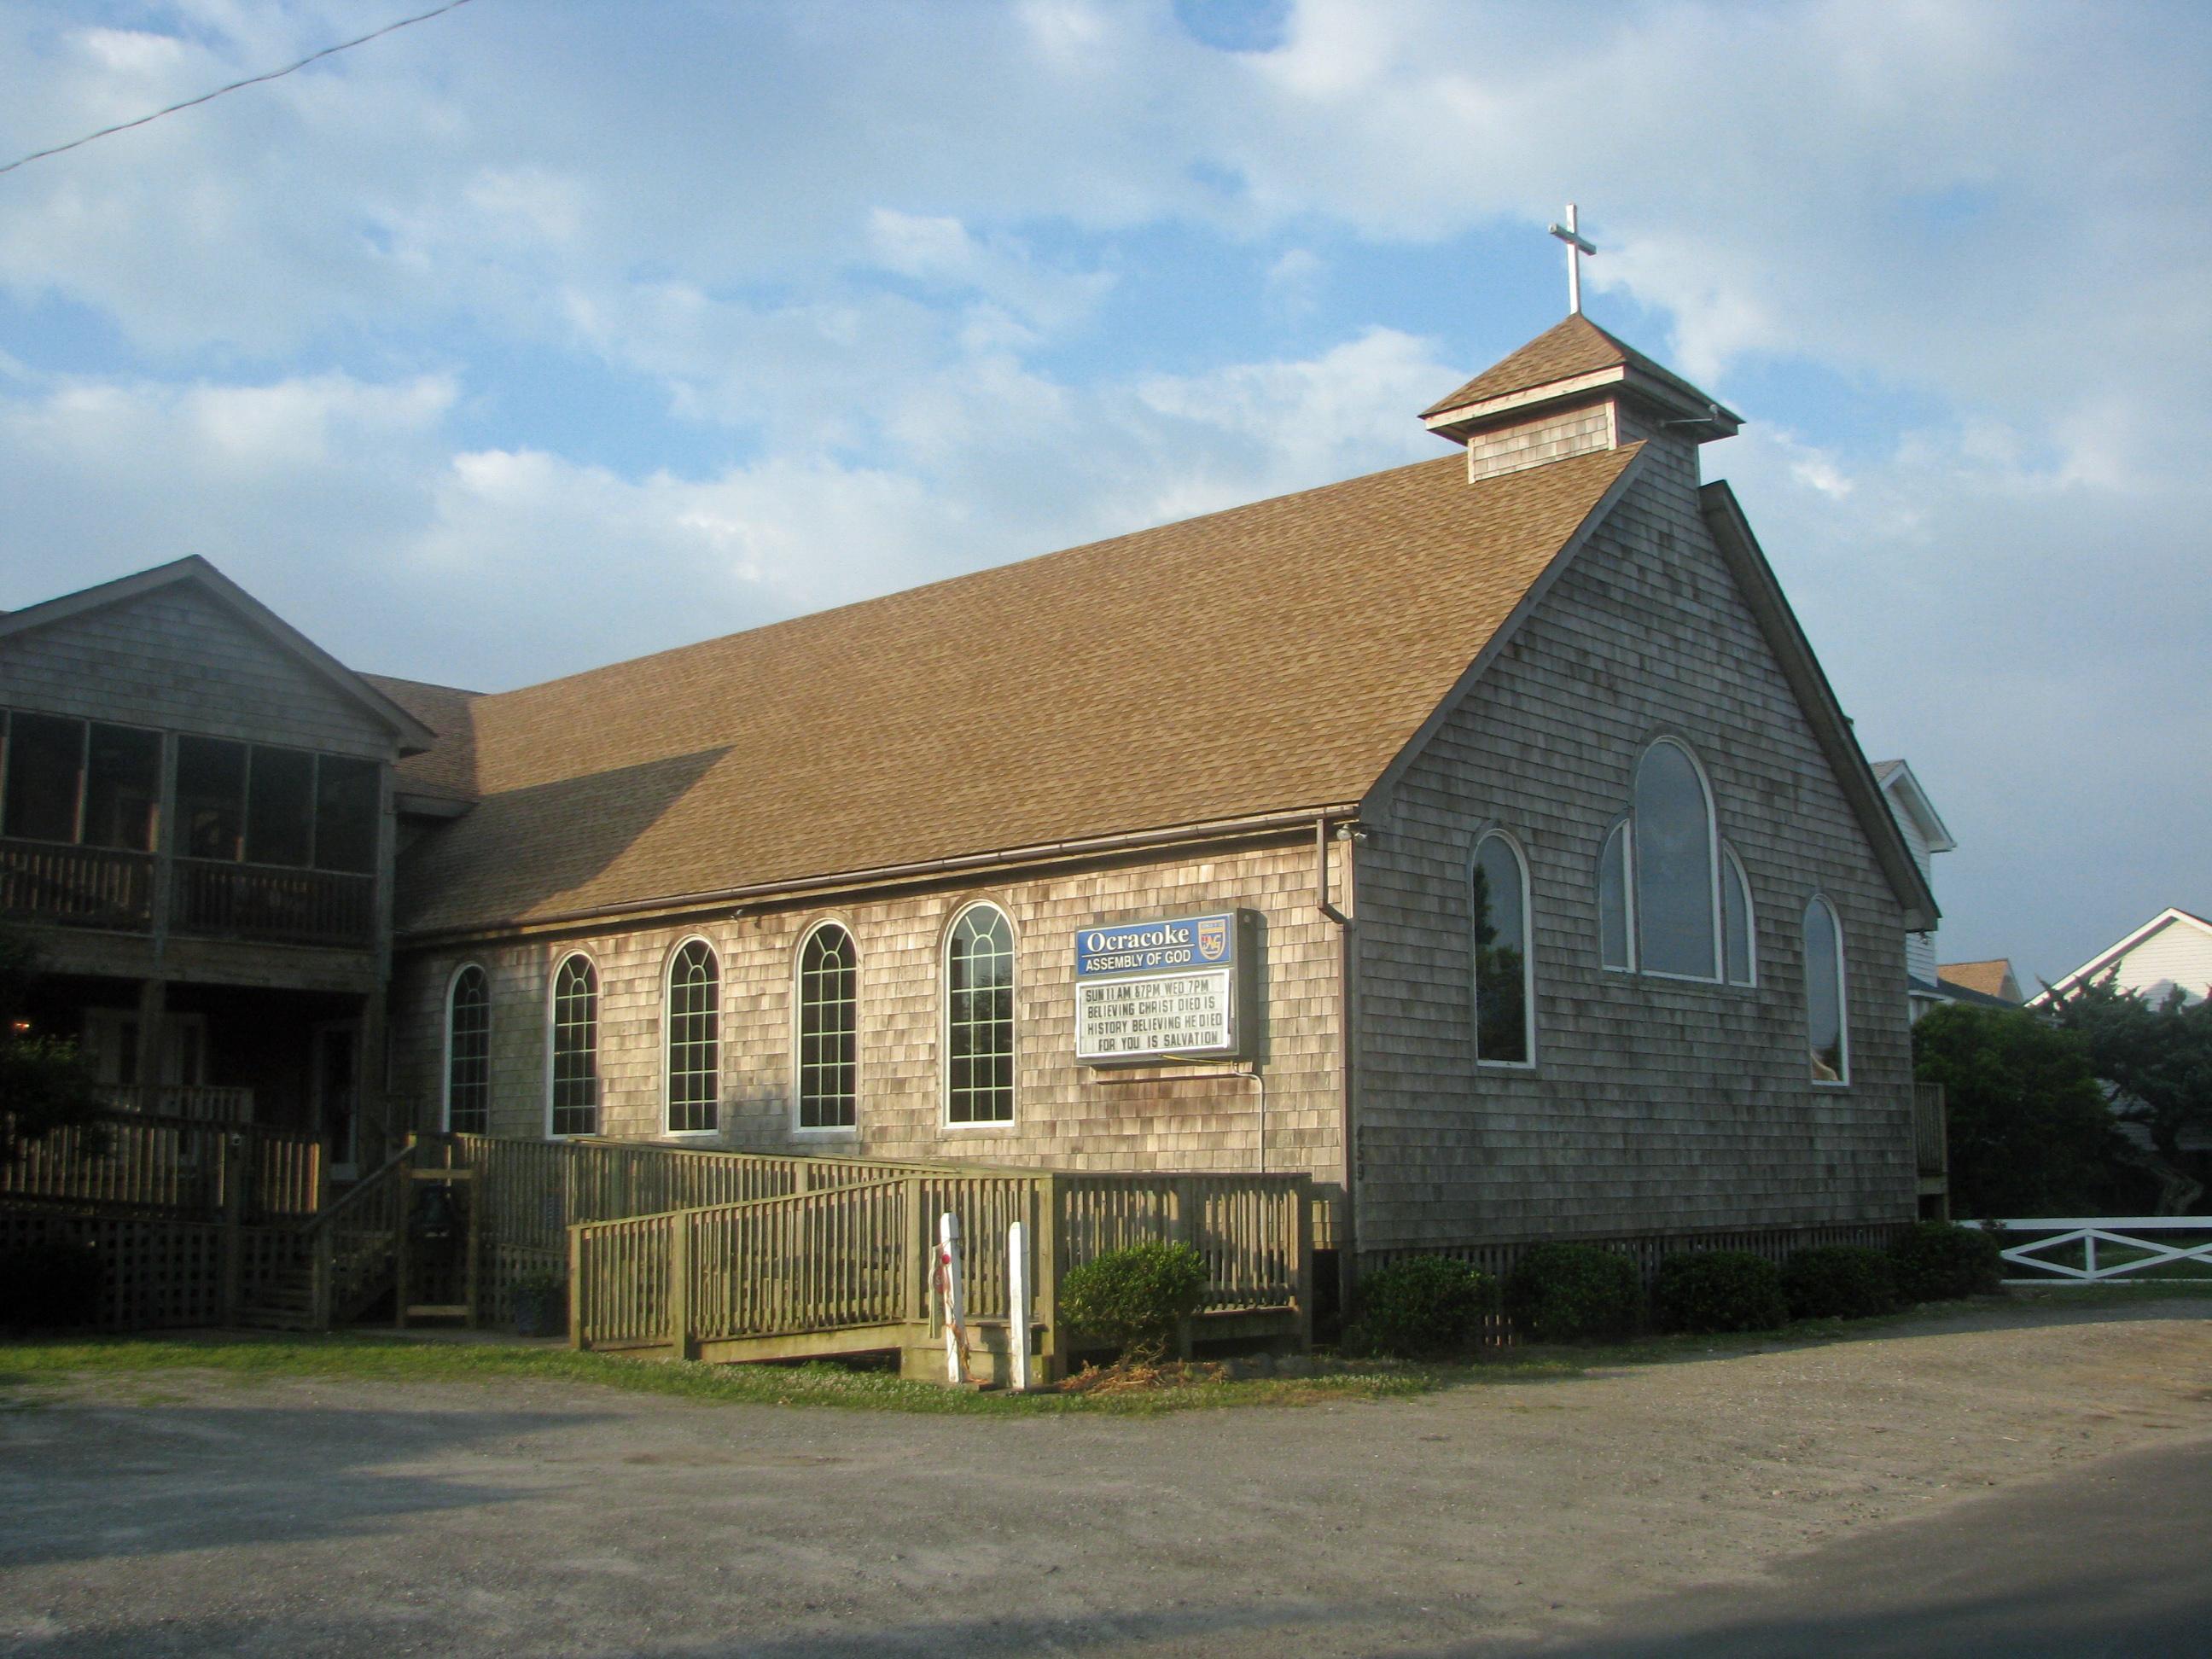 Ocracoke Assembly of God IMG_3463 - Ocracoke Observer